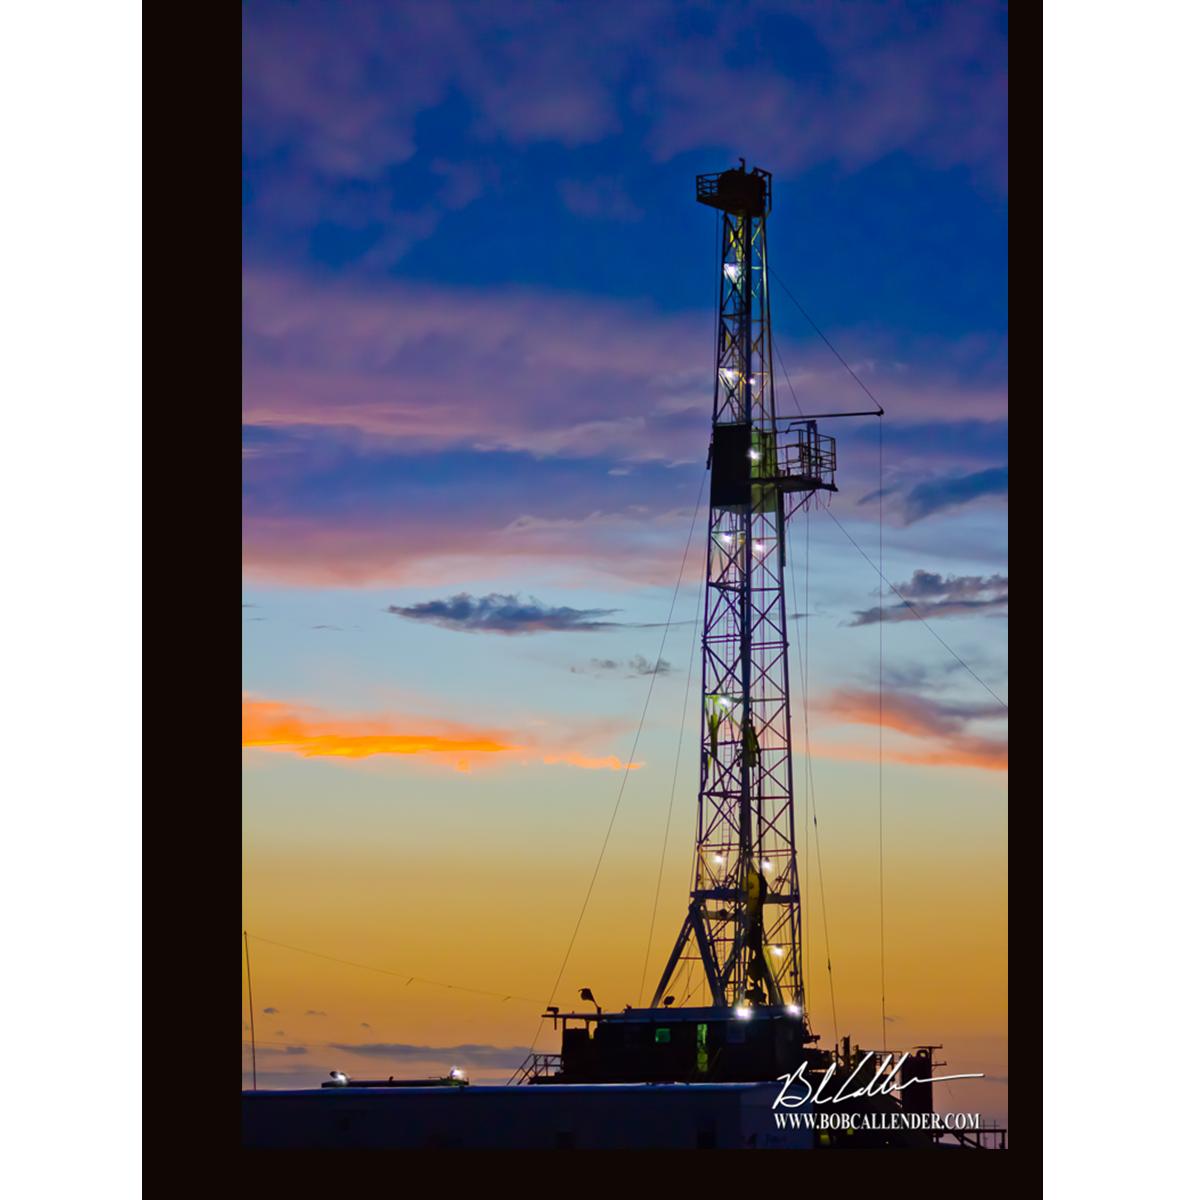 Big Skies By Bob Callender Bob Callender Fine Art Big Sky Oilfield Beach Sunset Wallpaper